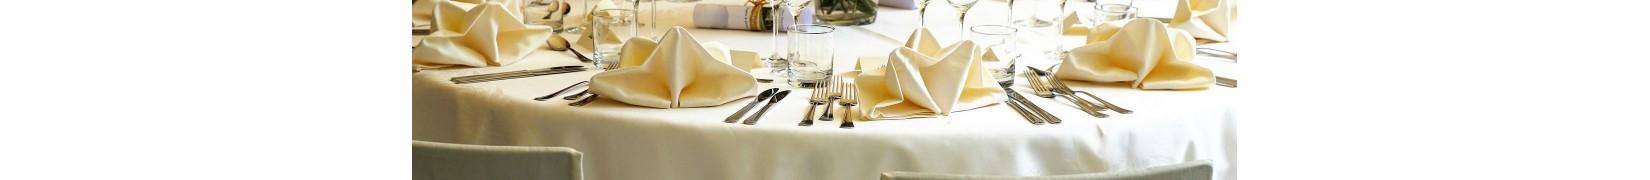 Obrusy na stół. Piękne, tanie, wysokiej jakości.